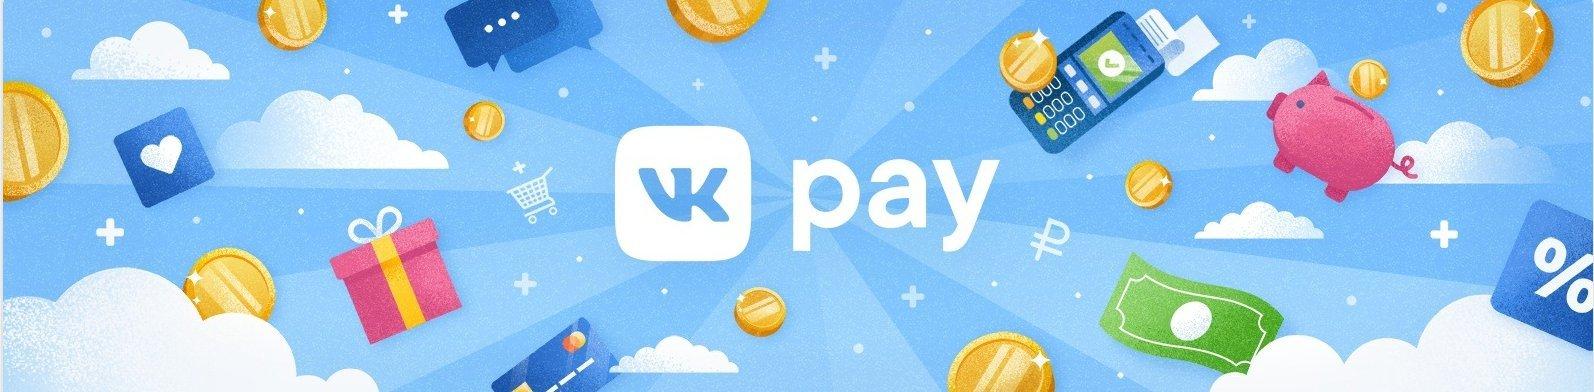 Друзья, теперь вы можете приобретать коды оплаты PSN и Xbox прямо в нашей группе VK!